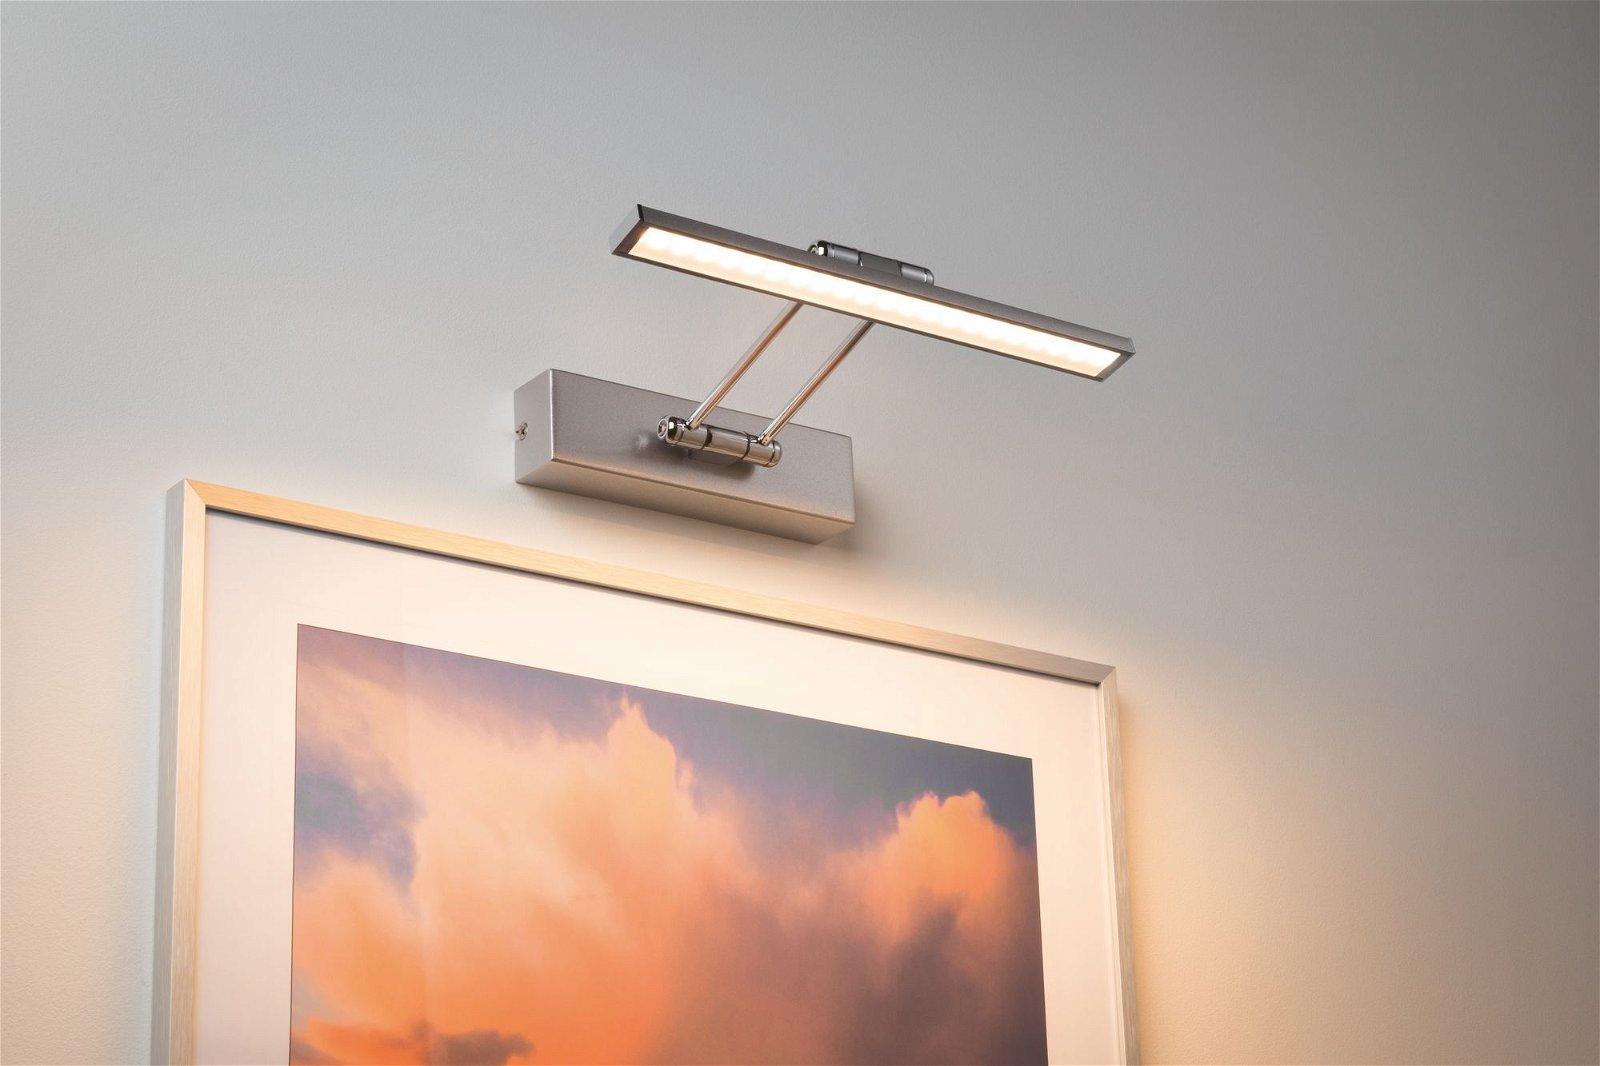 Galeria LED Bilderleuchte Beam 2700K 630lm 230V 5W Nickel gebürstet/Chrom